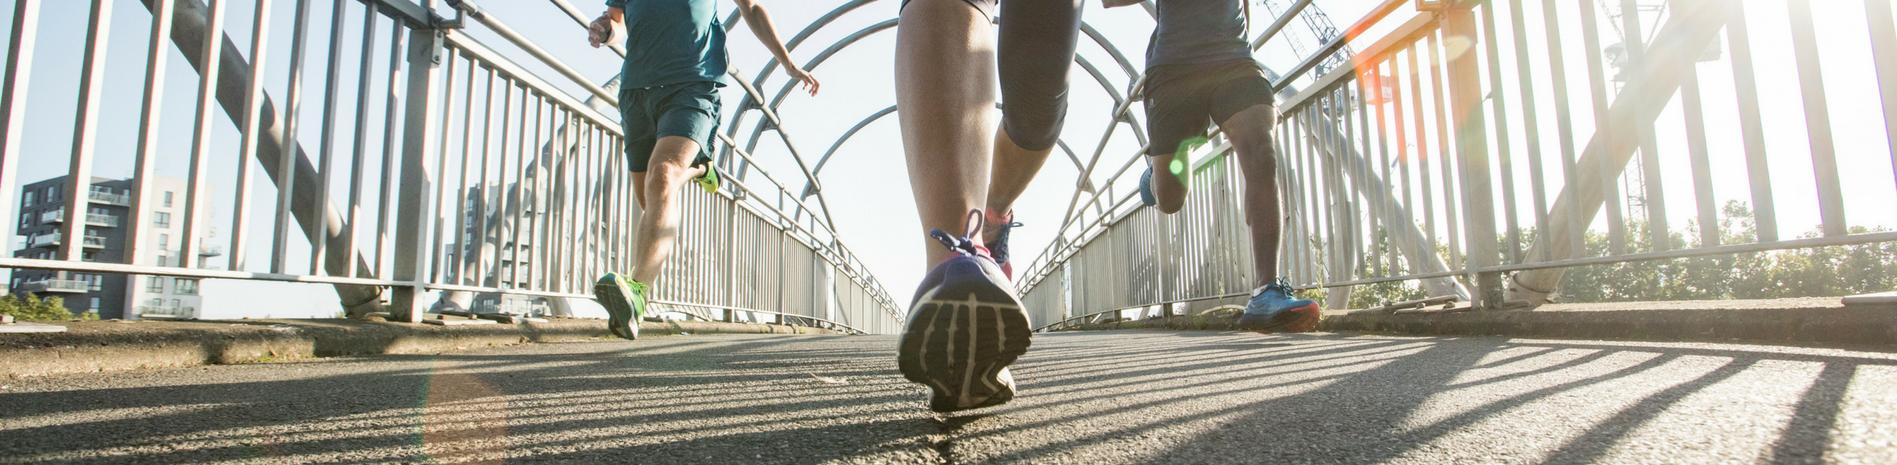 Vytrvalostný beh ako najprirodzenejšia aktivita človeka. Boli sme knemu skutočne stvorení?